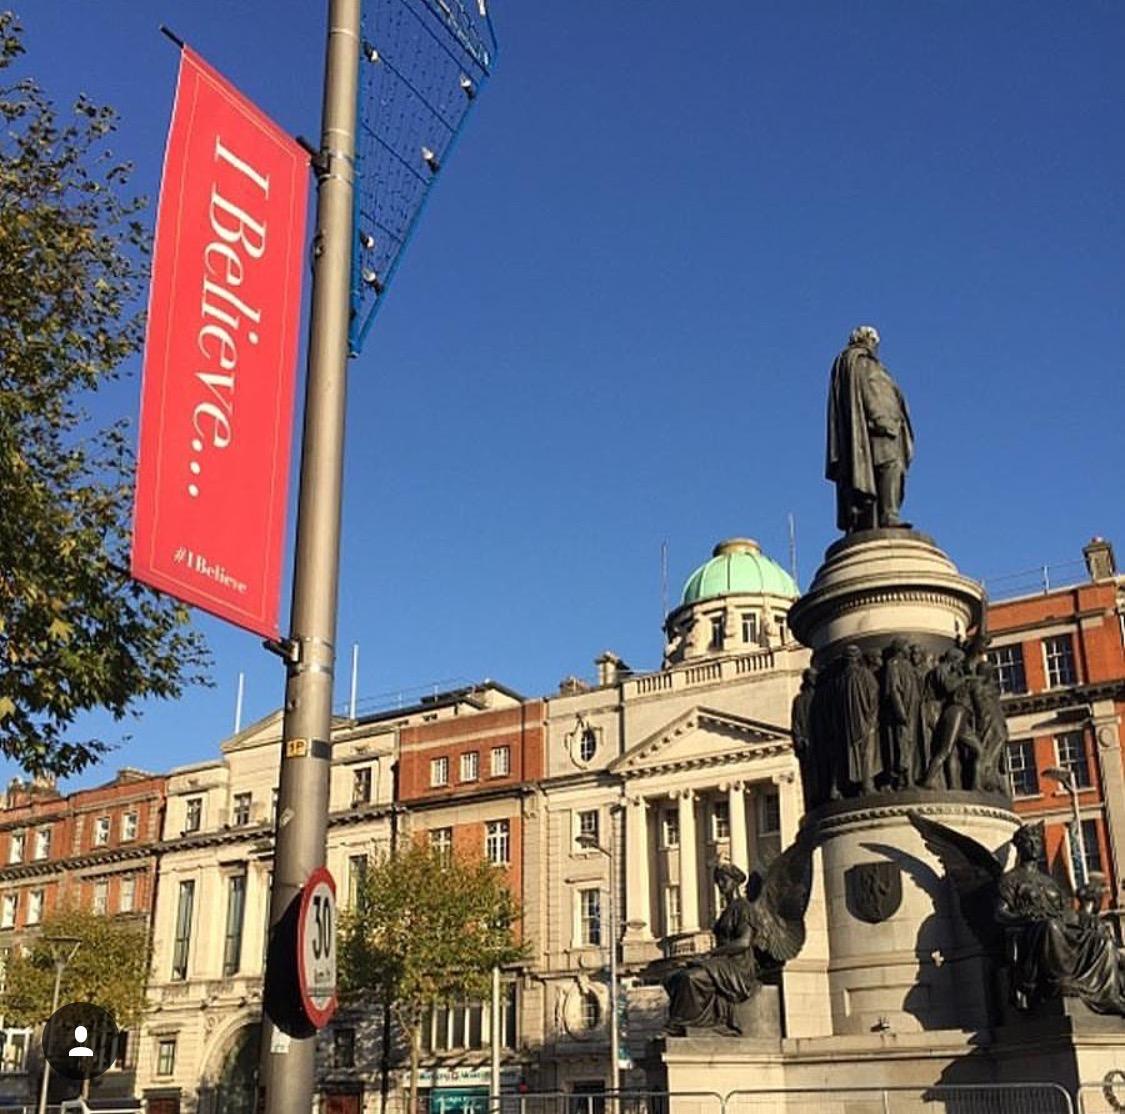 Dublin Christmas Banners